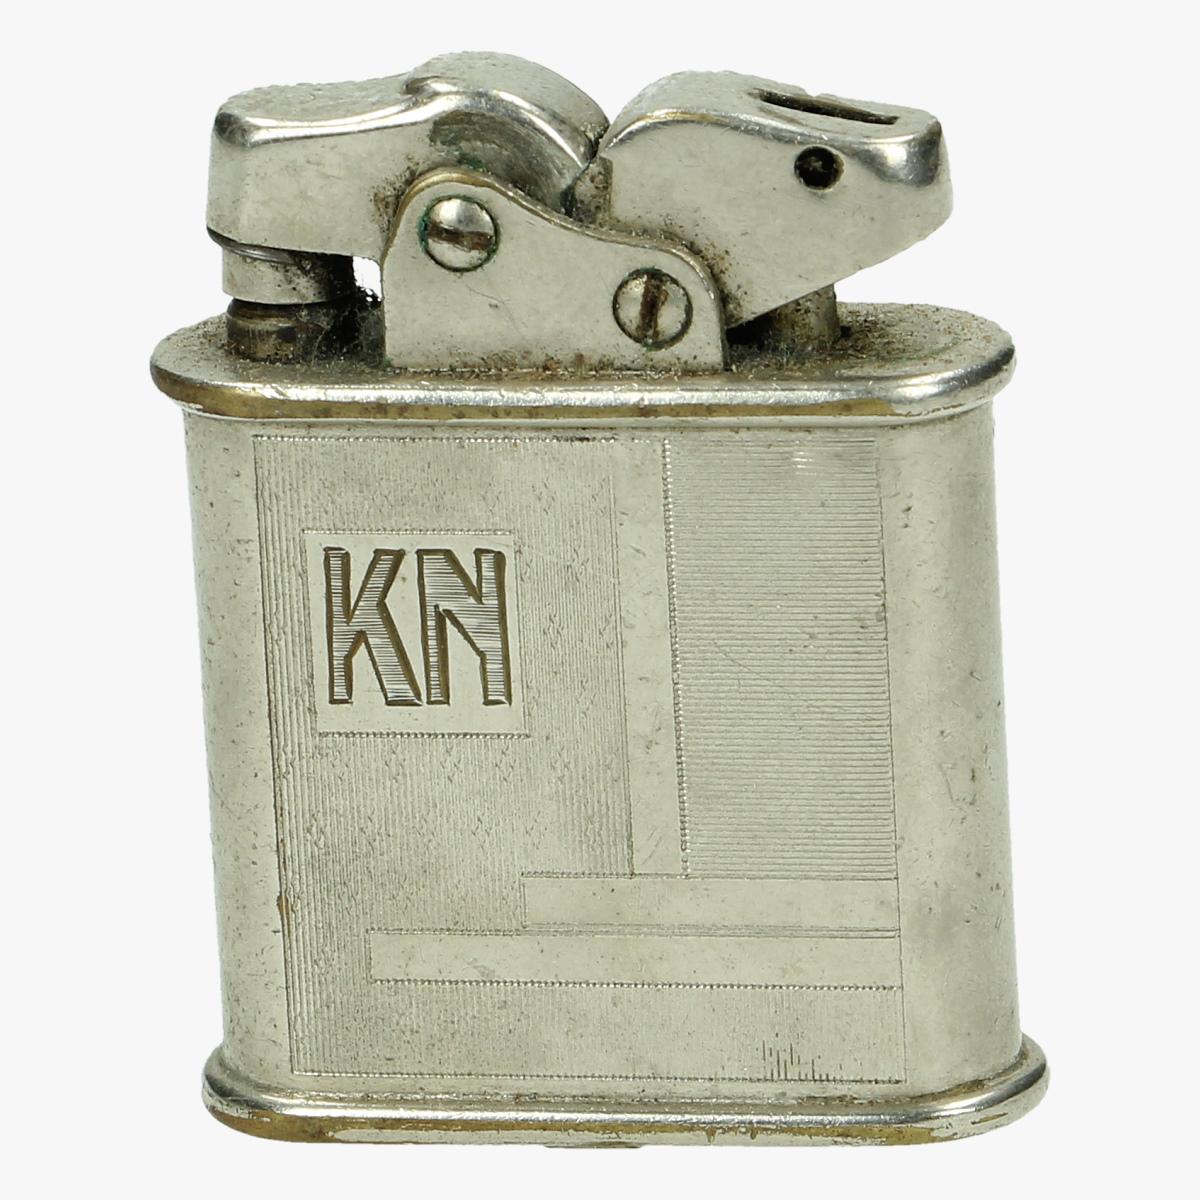 Afbeeldingen van oude aansteker KN thorens